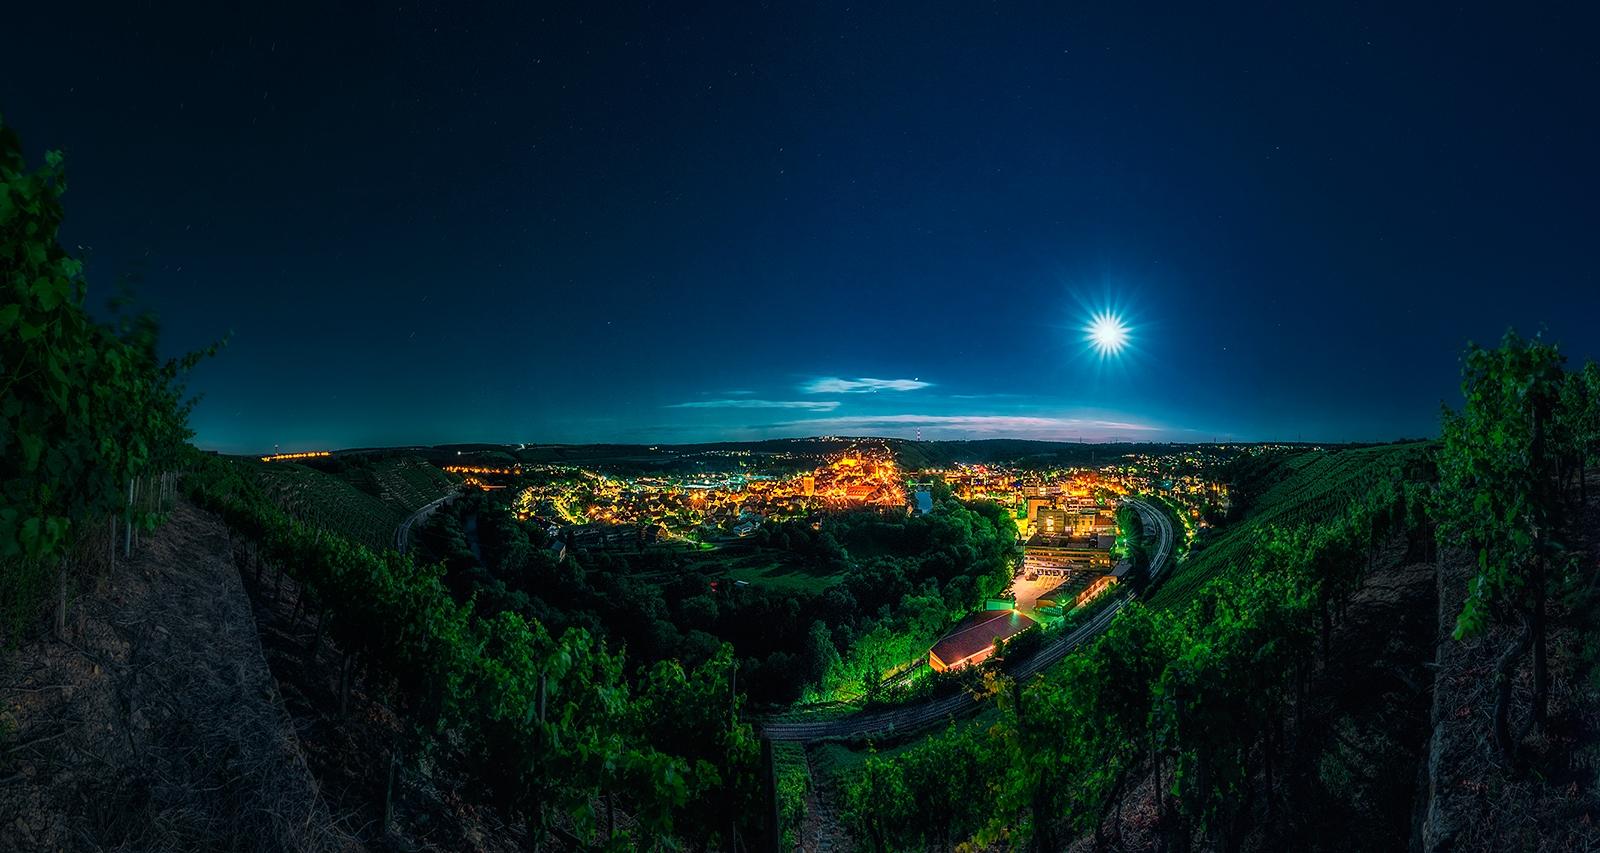 SIGADesign Fotografie Landschaft Besigheim Nacht Mondlicht